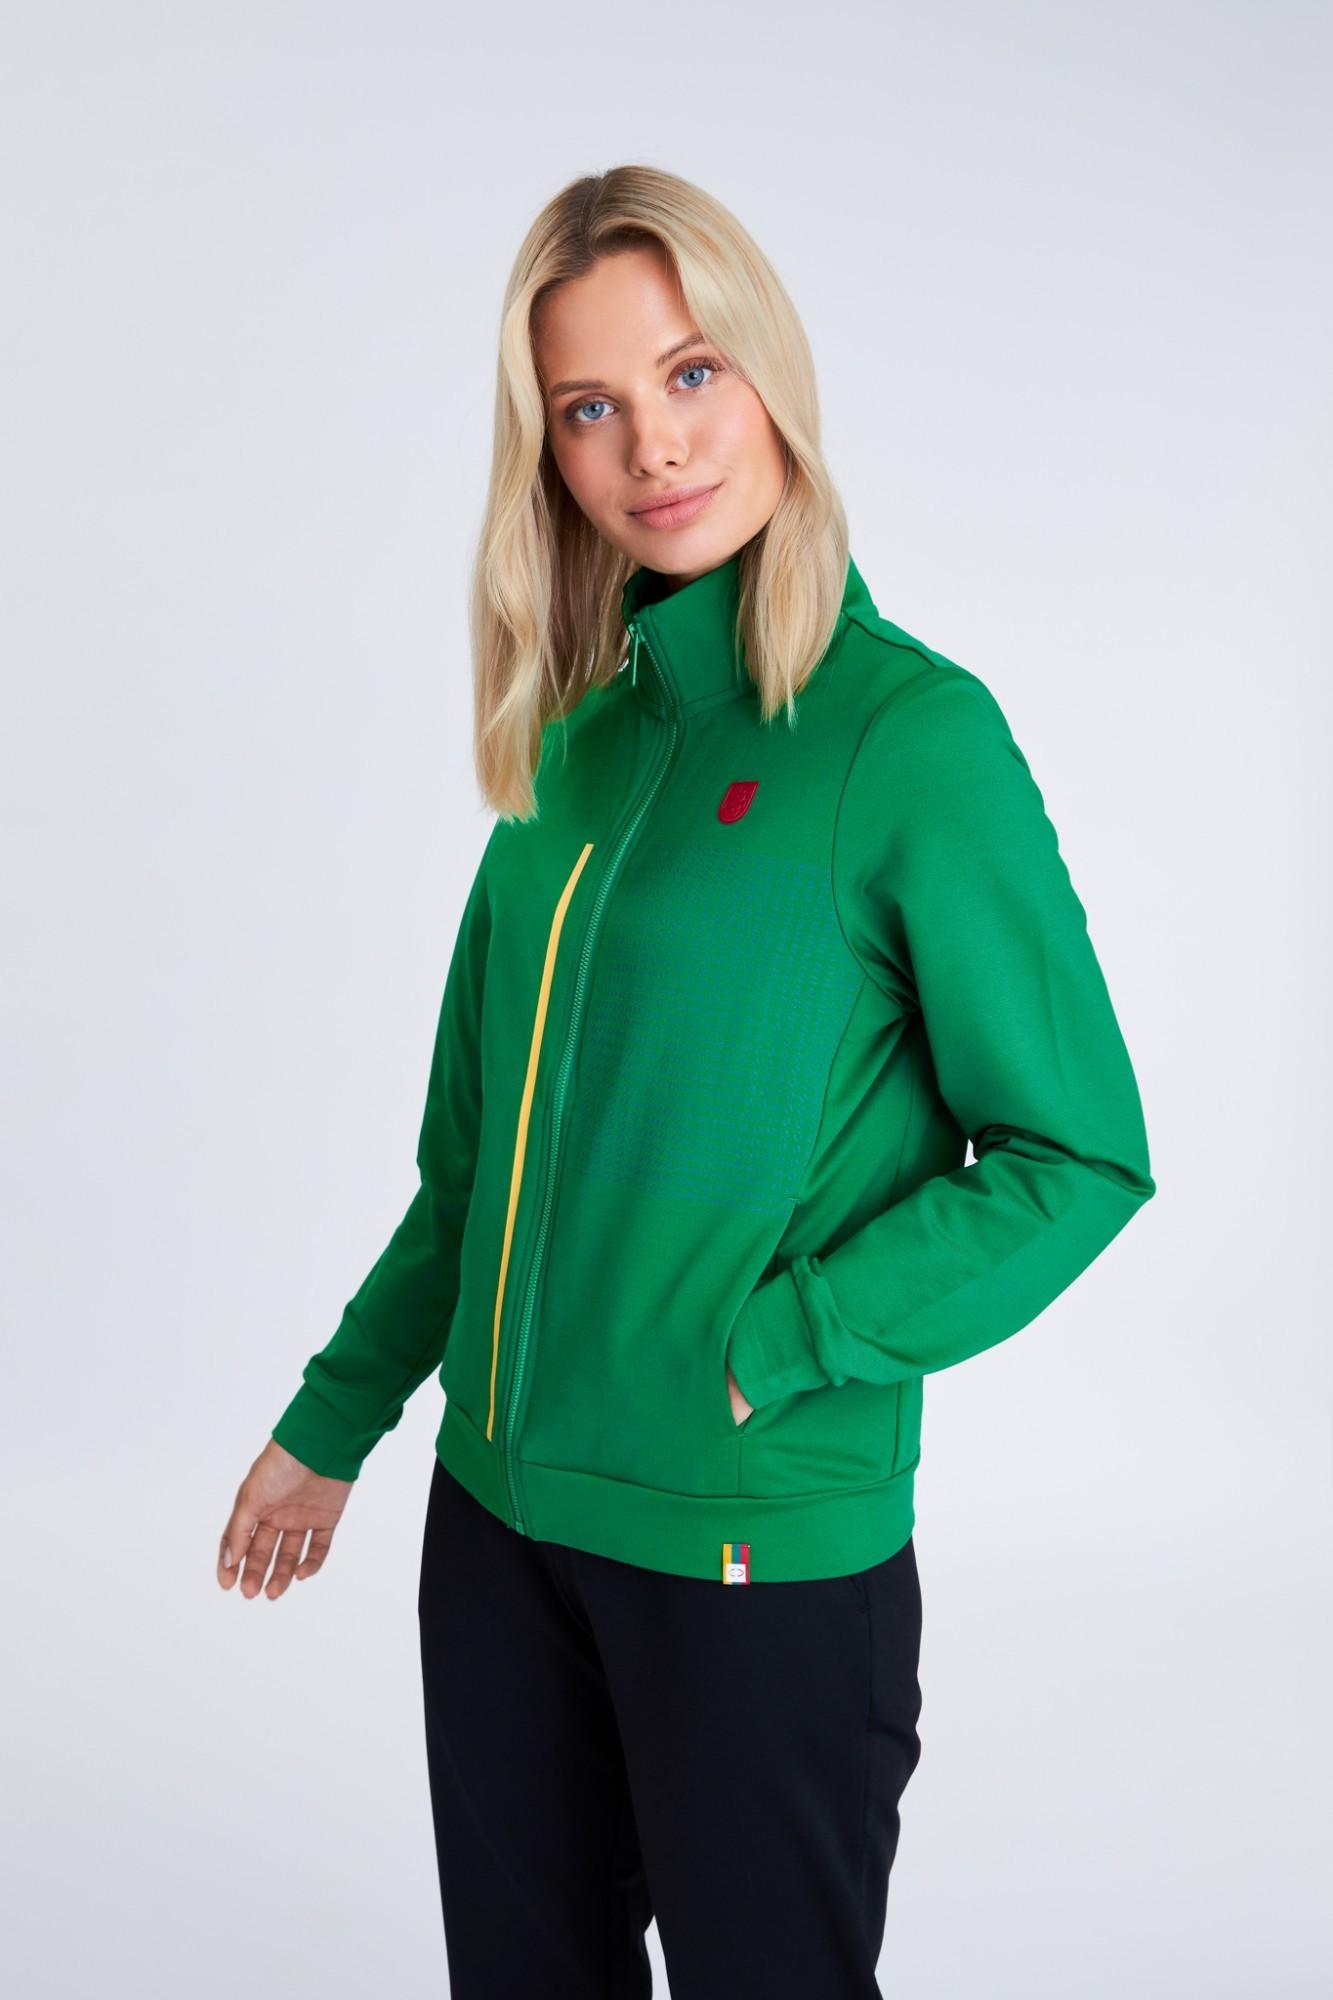 AUDIMAS Ats. džemperis medvilniniu vidumi 21LT-006 Jolly Green M